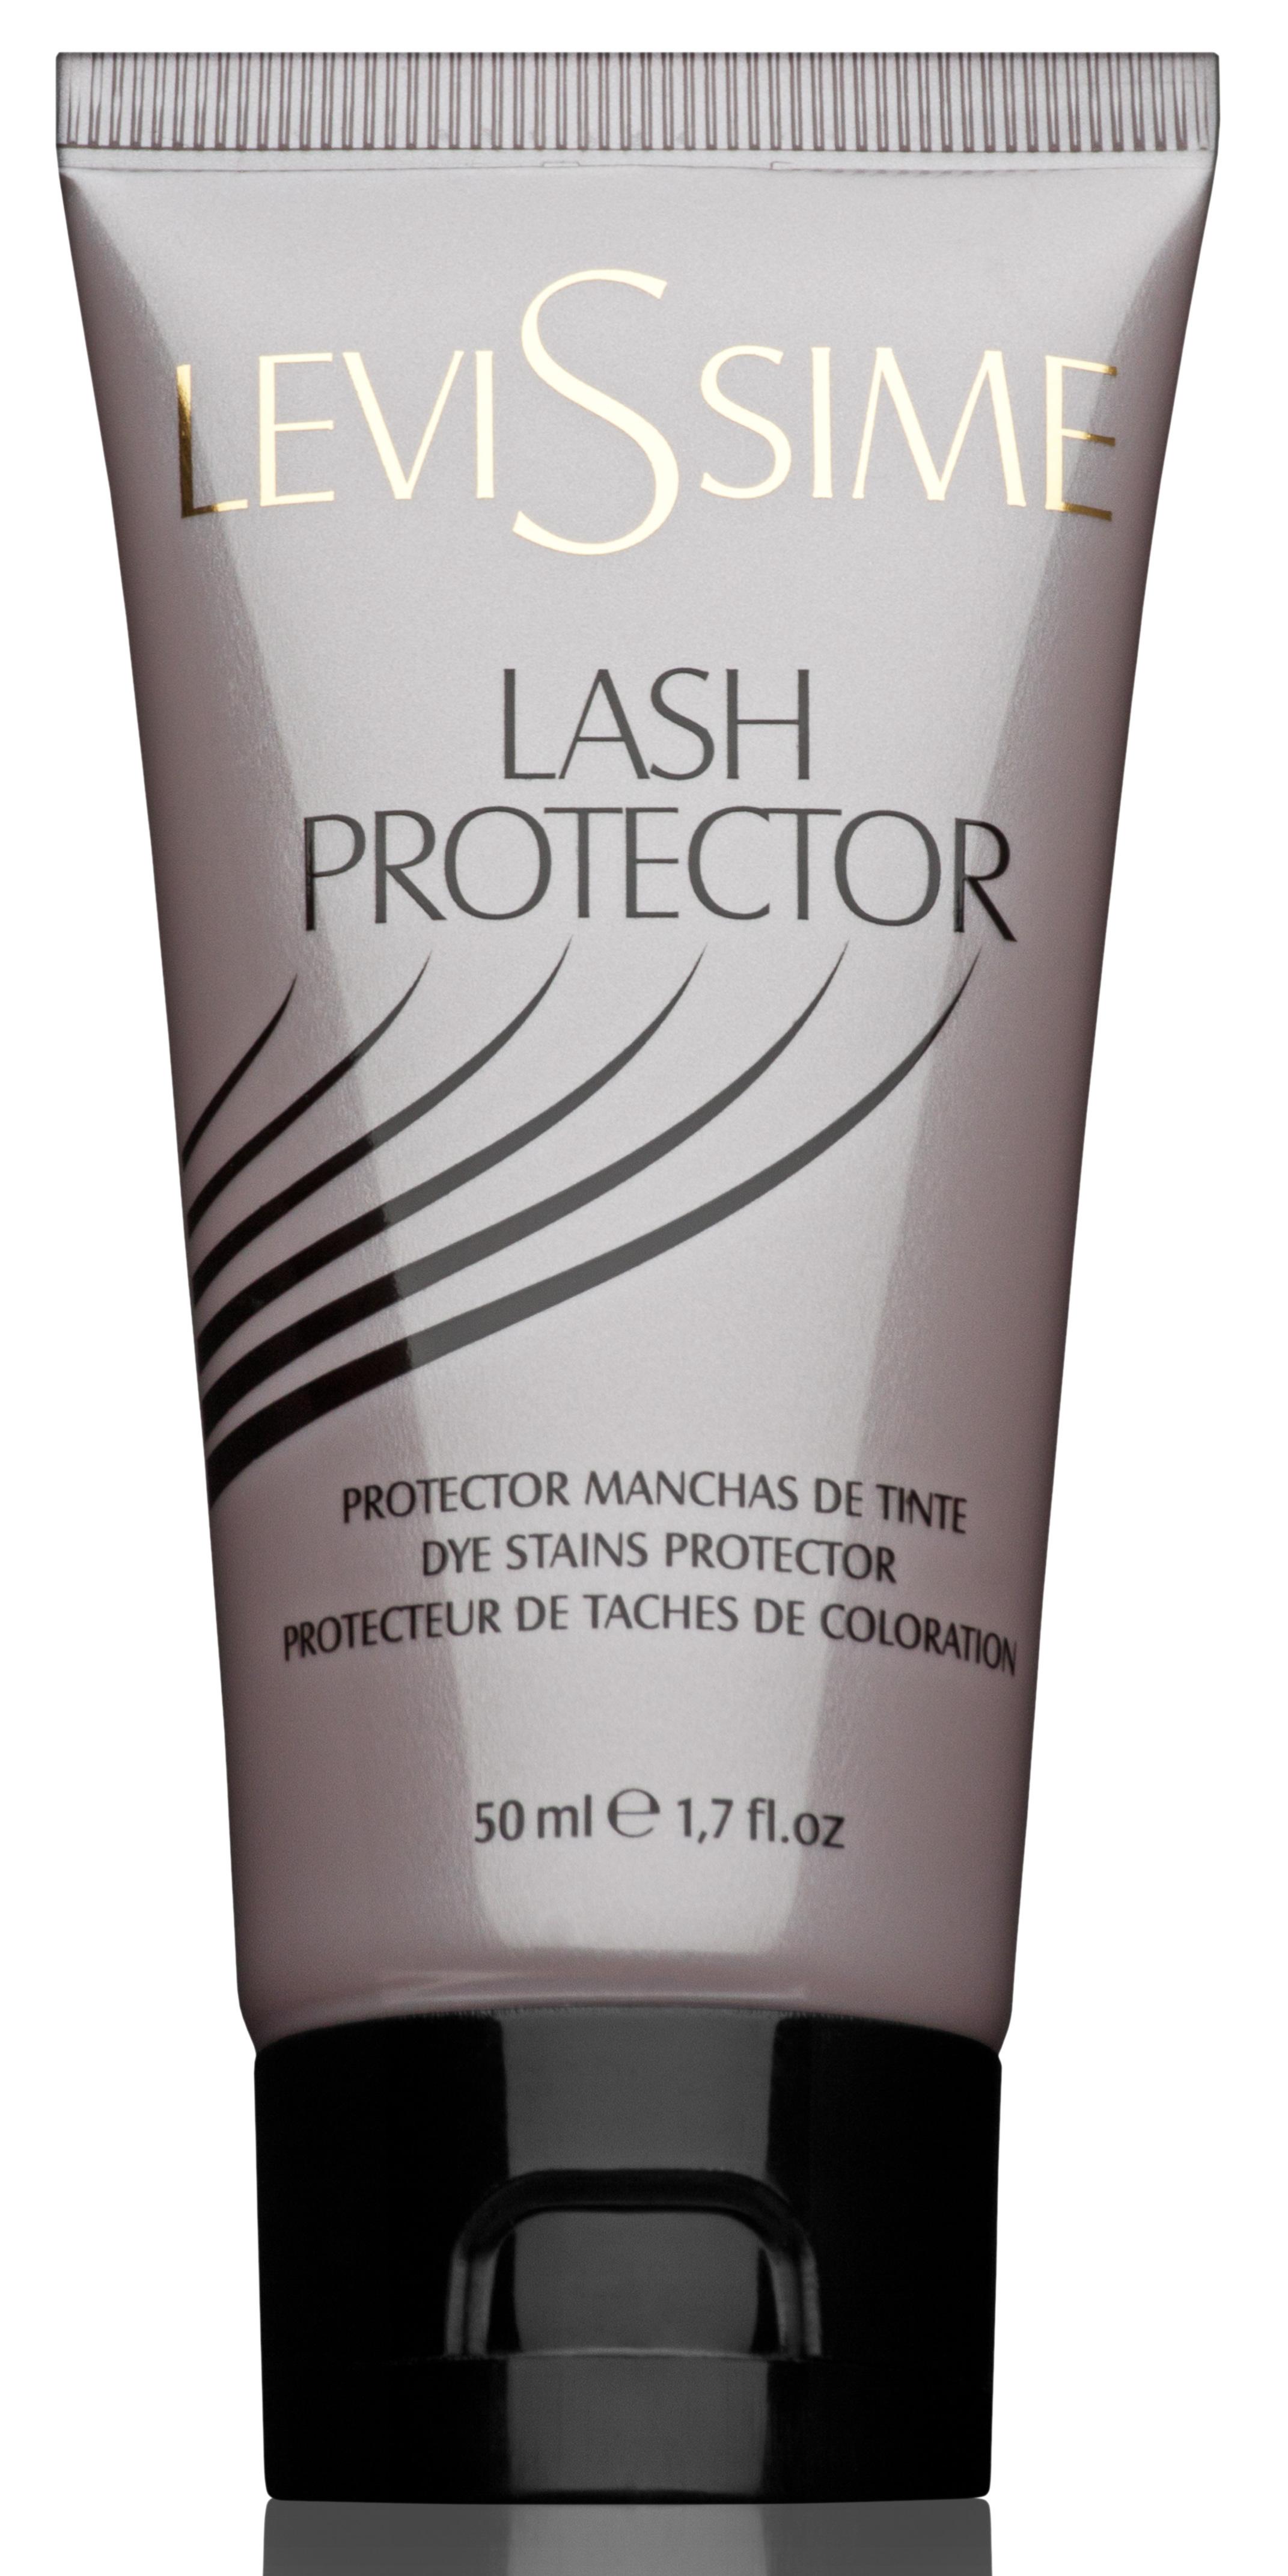 LEVISSIME Средство защитное для кожи вокруг глаз / Lash Protector 50 мл -  Кремы